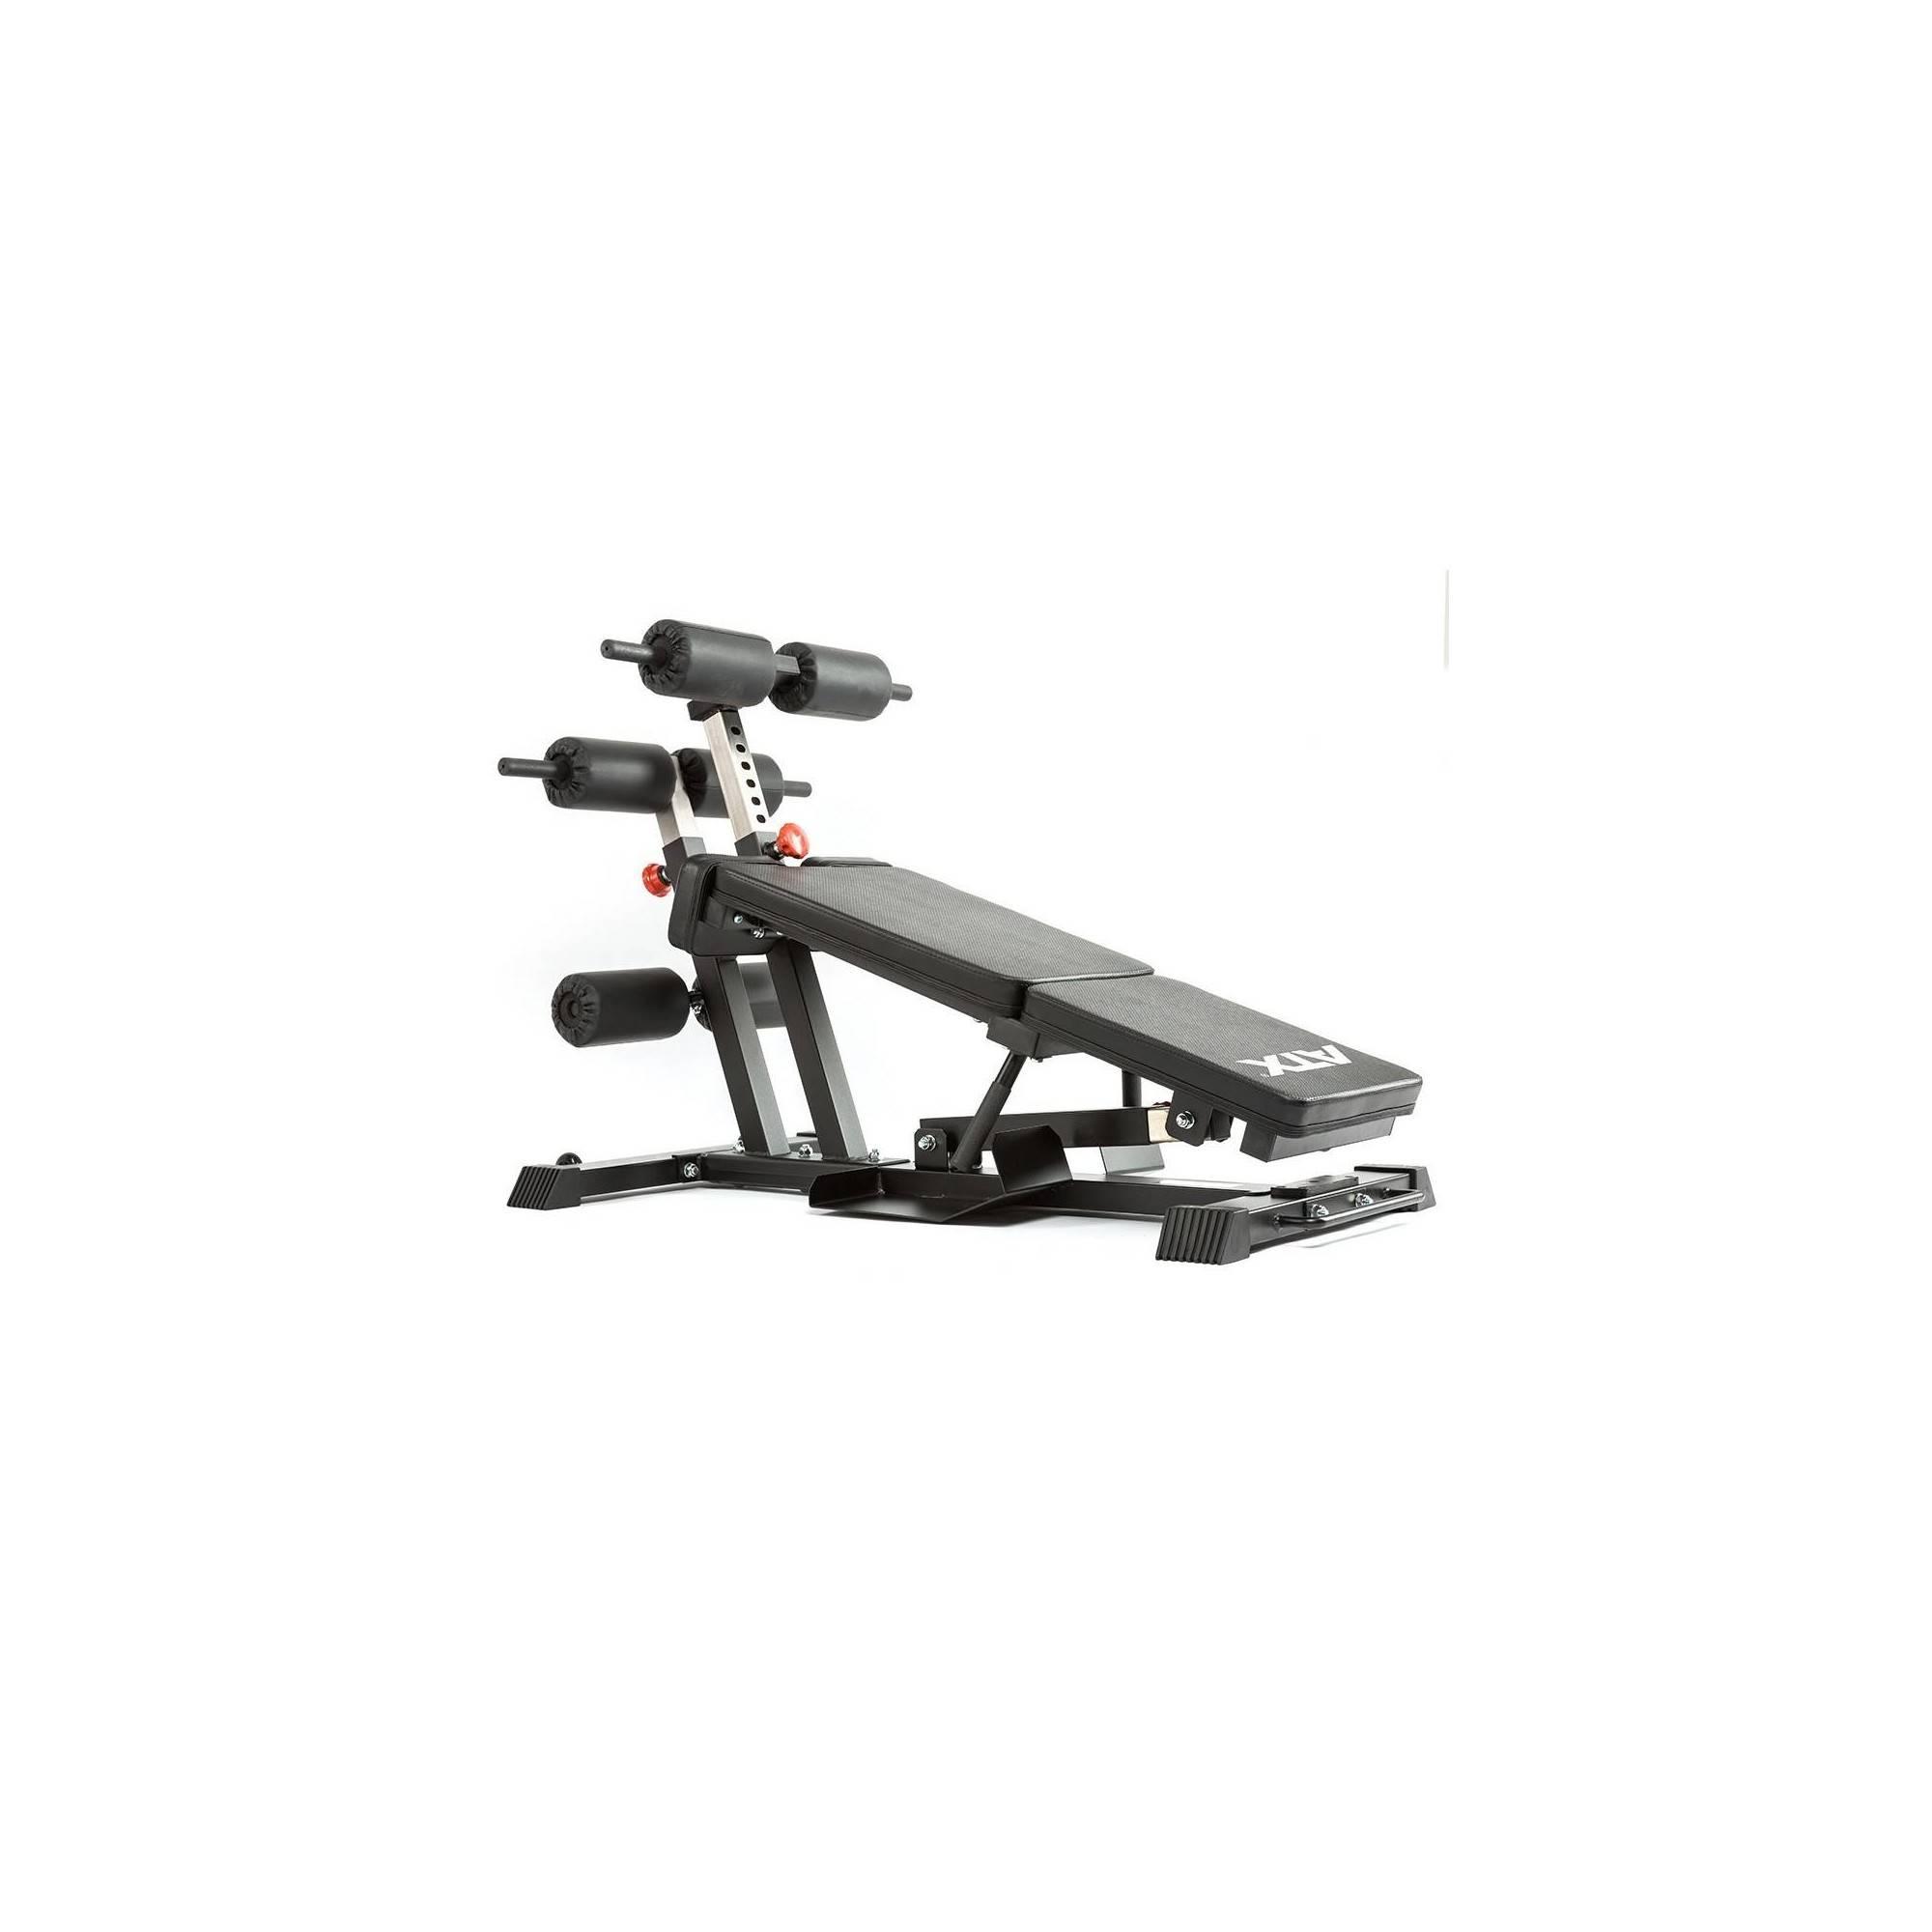 Ławka wielofunkcyjna ATX® TTR-740 Torso Trainer,producent: ATX, zdjecie photo: 1   klubfitness.pl   sprzęt sportowy sport equipm